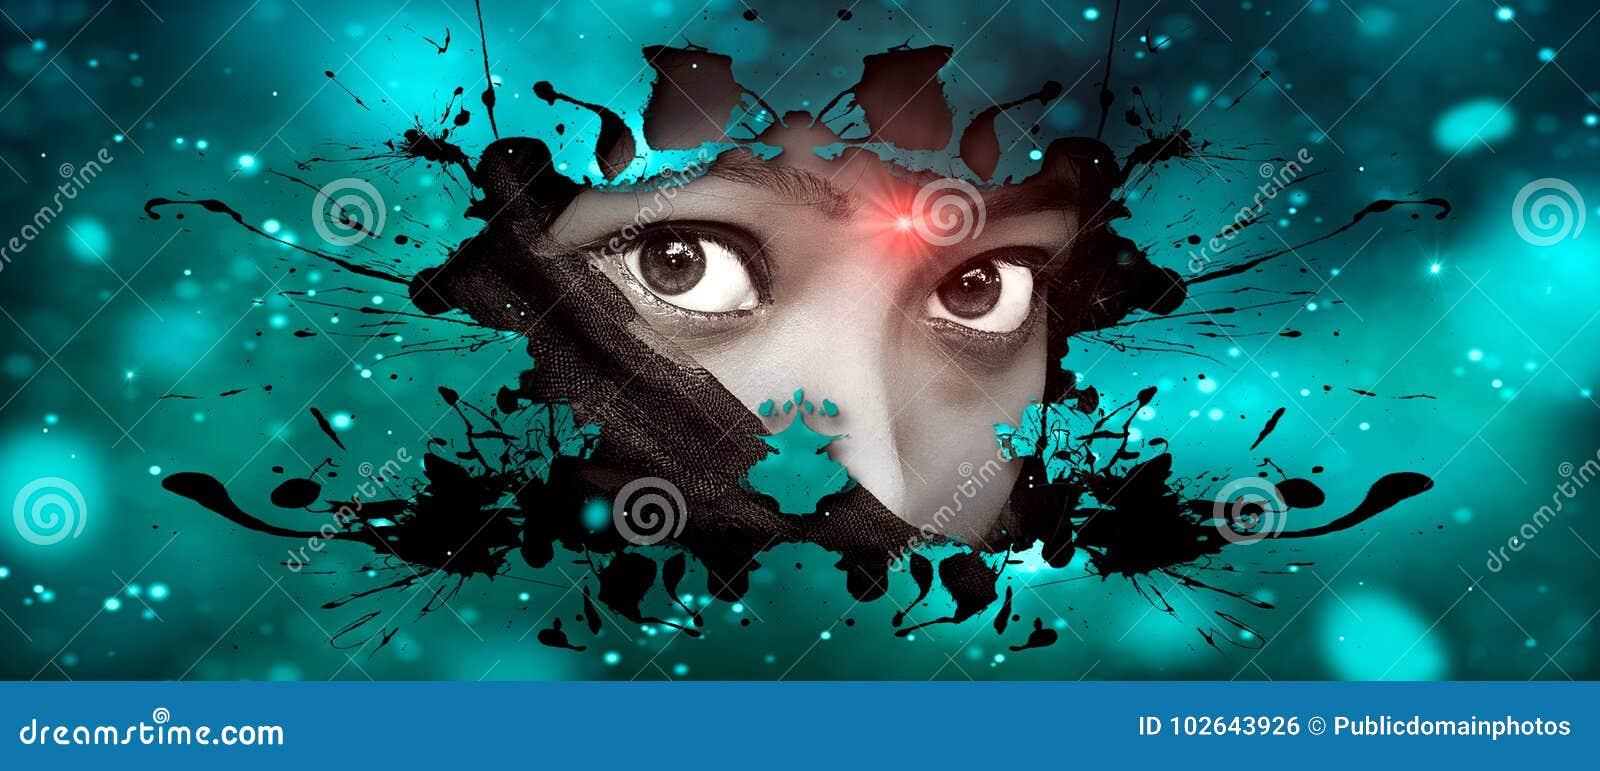 Conception Graphique, Art, Papier Peint D'ordinateur, Organisme Image. Image: 102643926